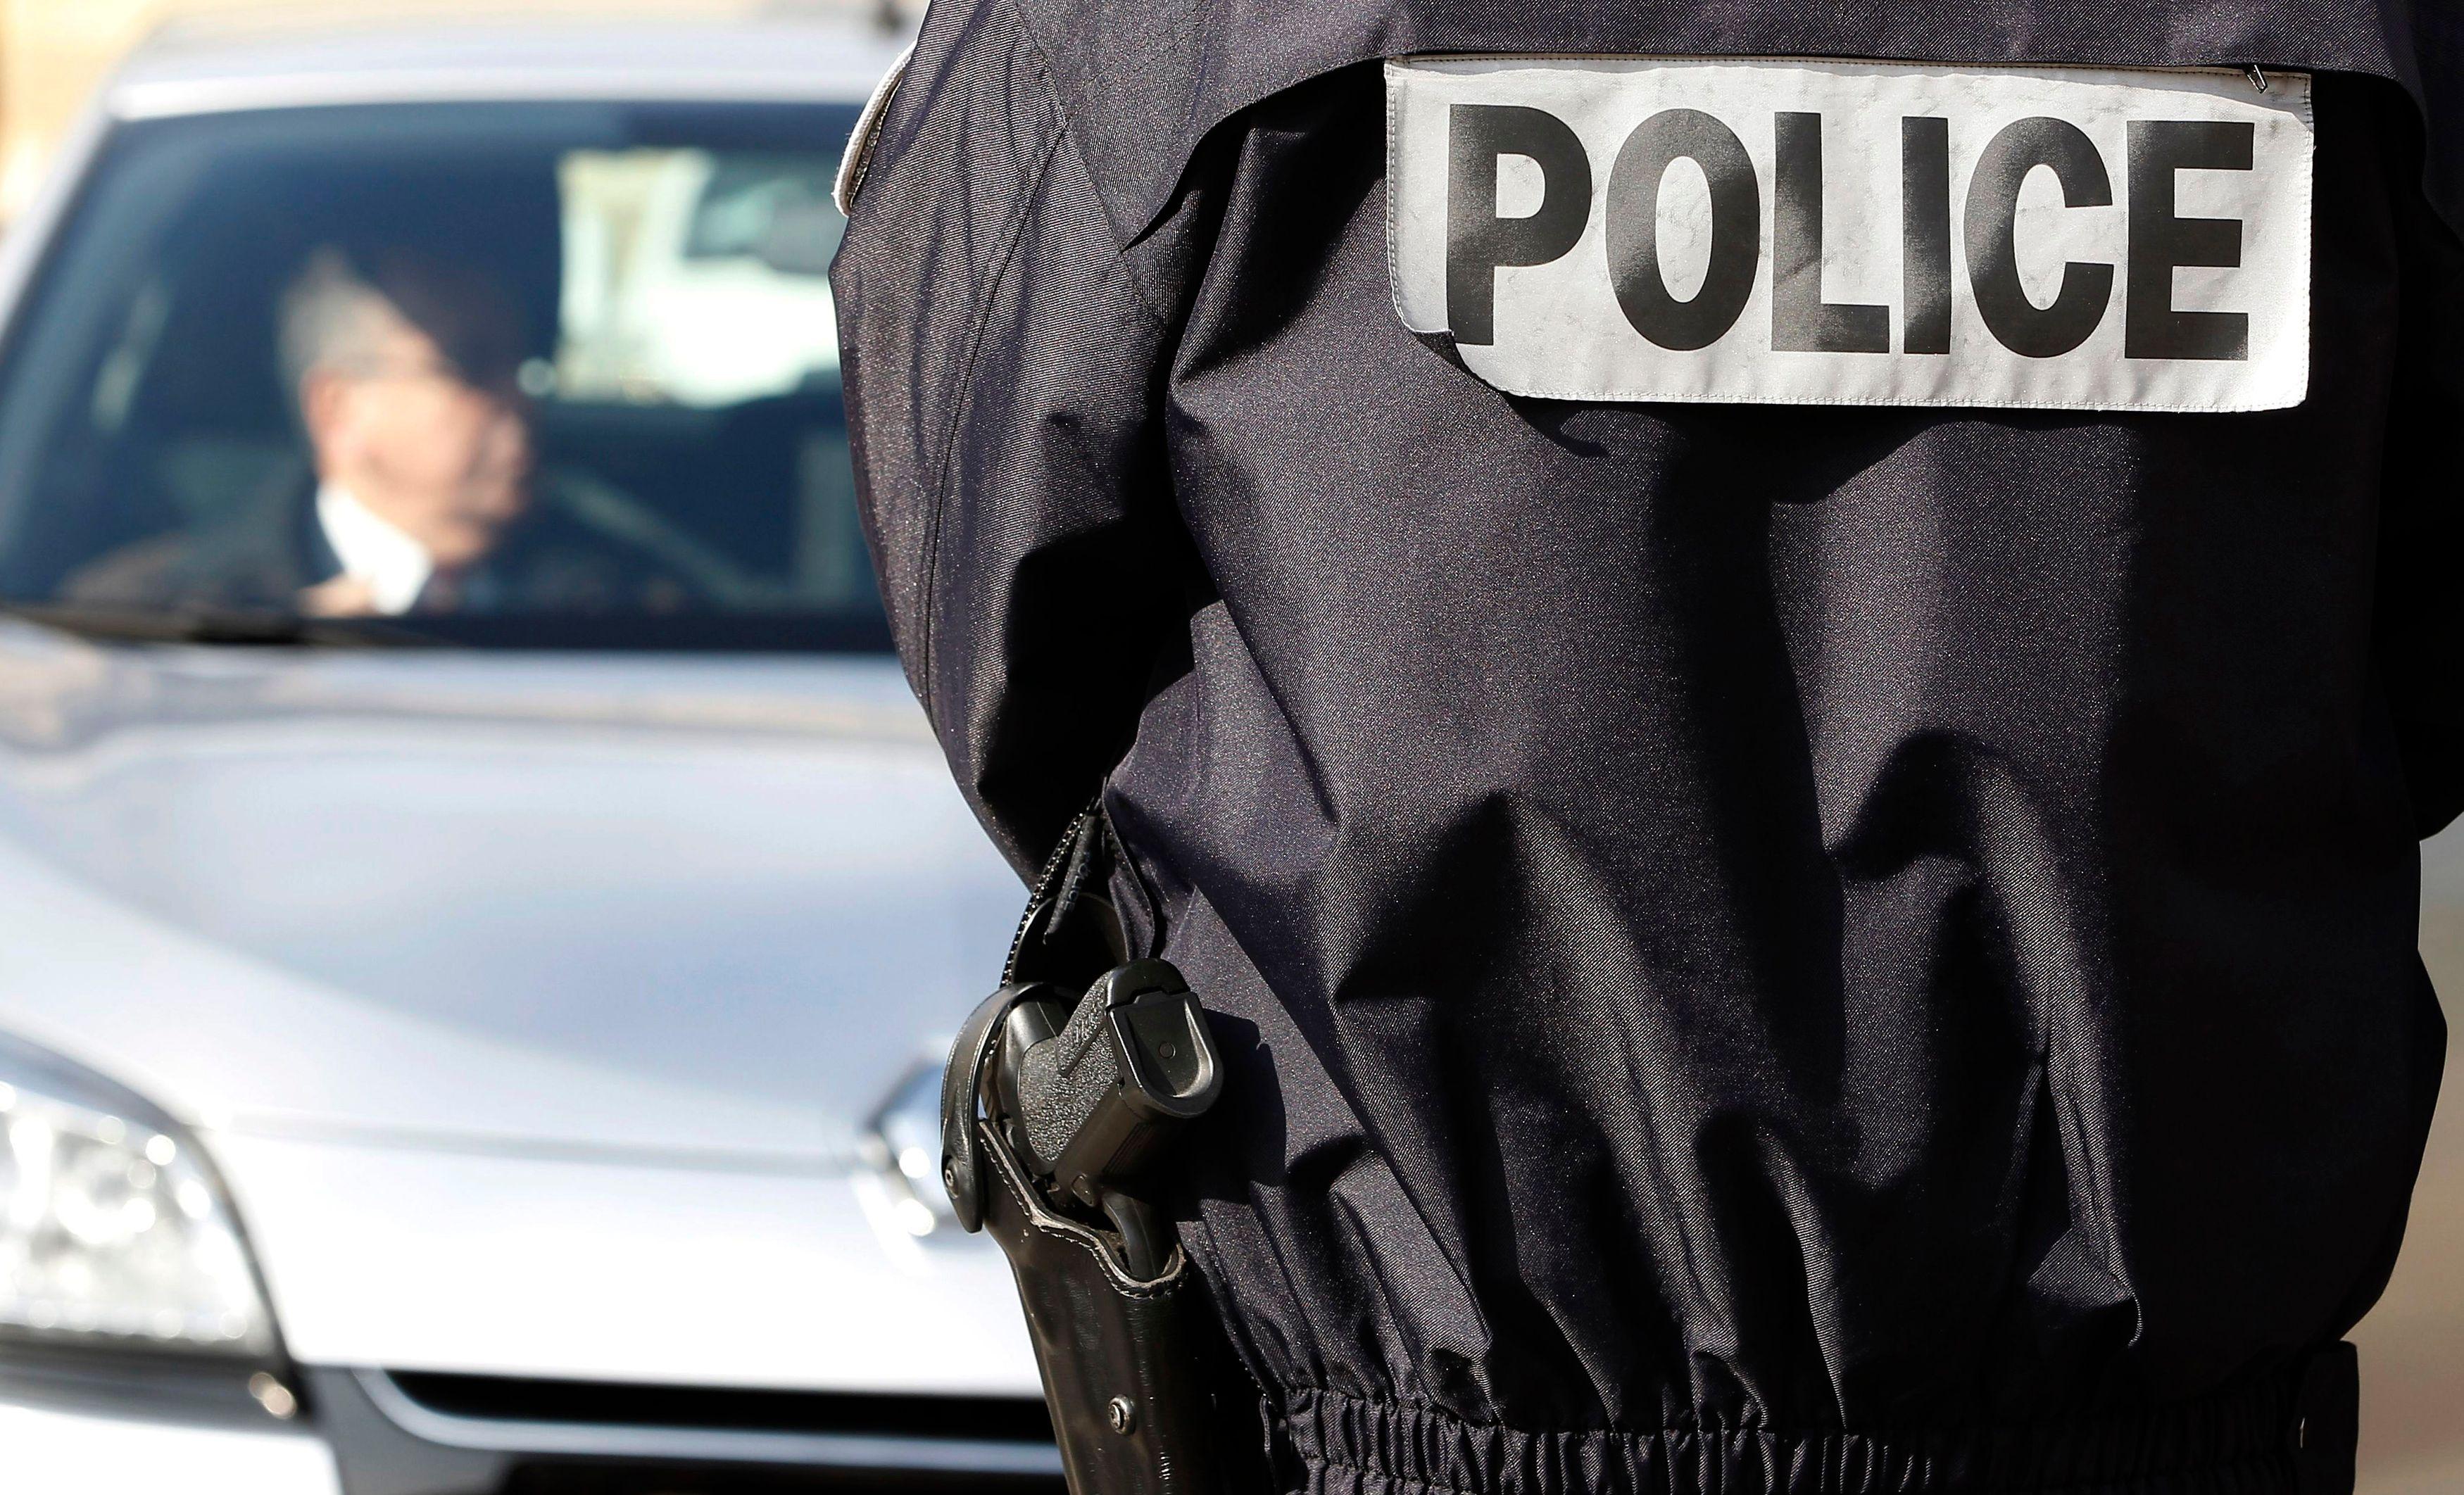 Belgique : le réseau djihadiste prévoyait de filmer l'exécution d'un policier